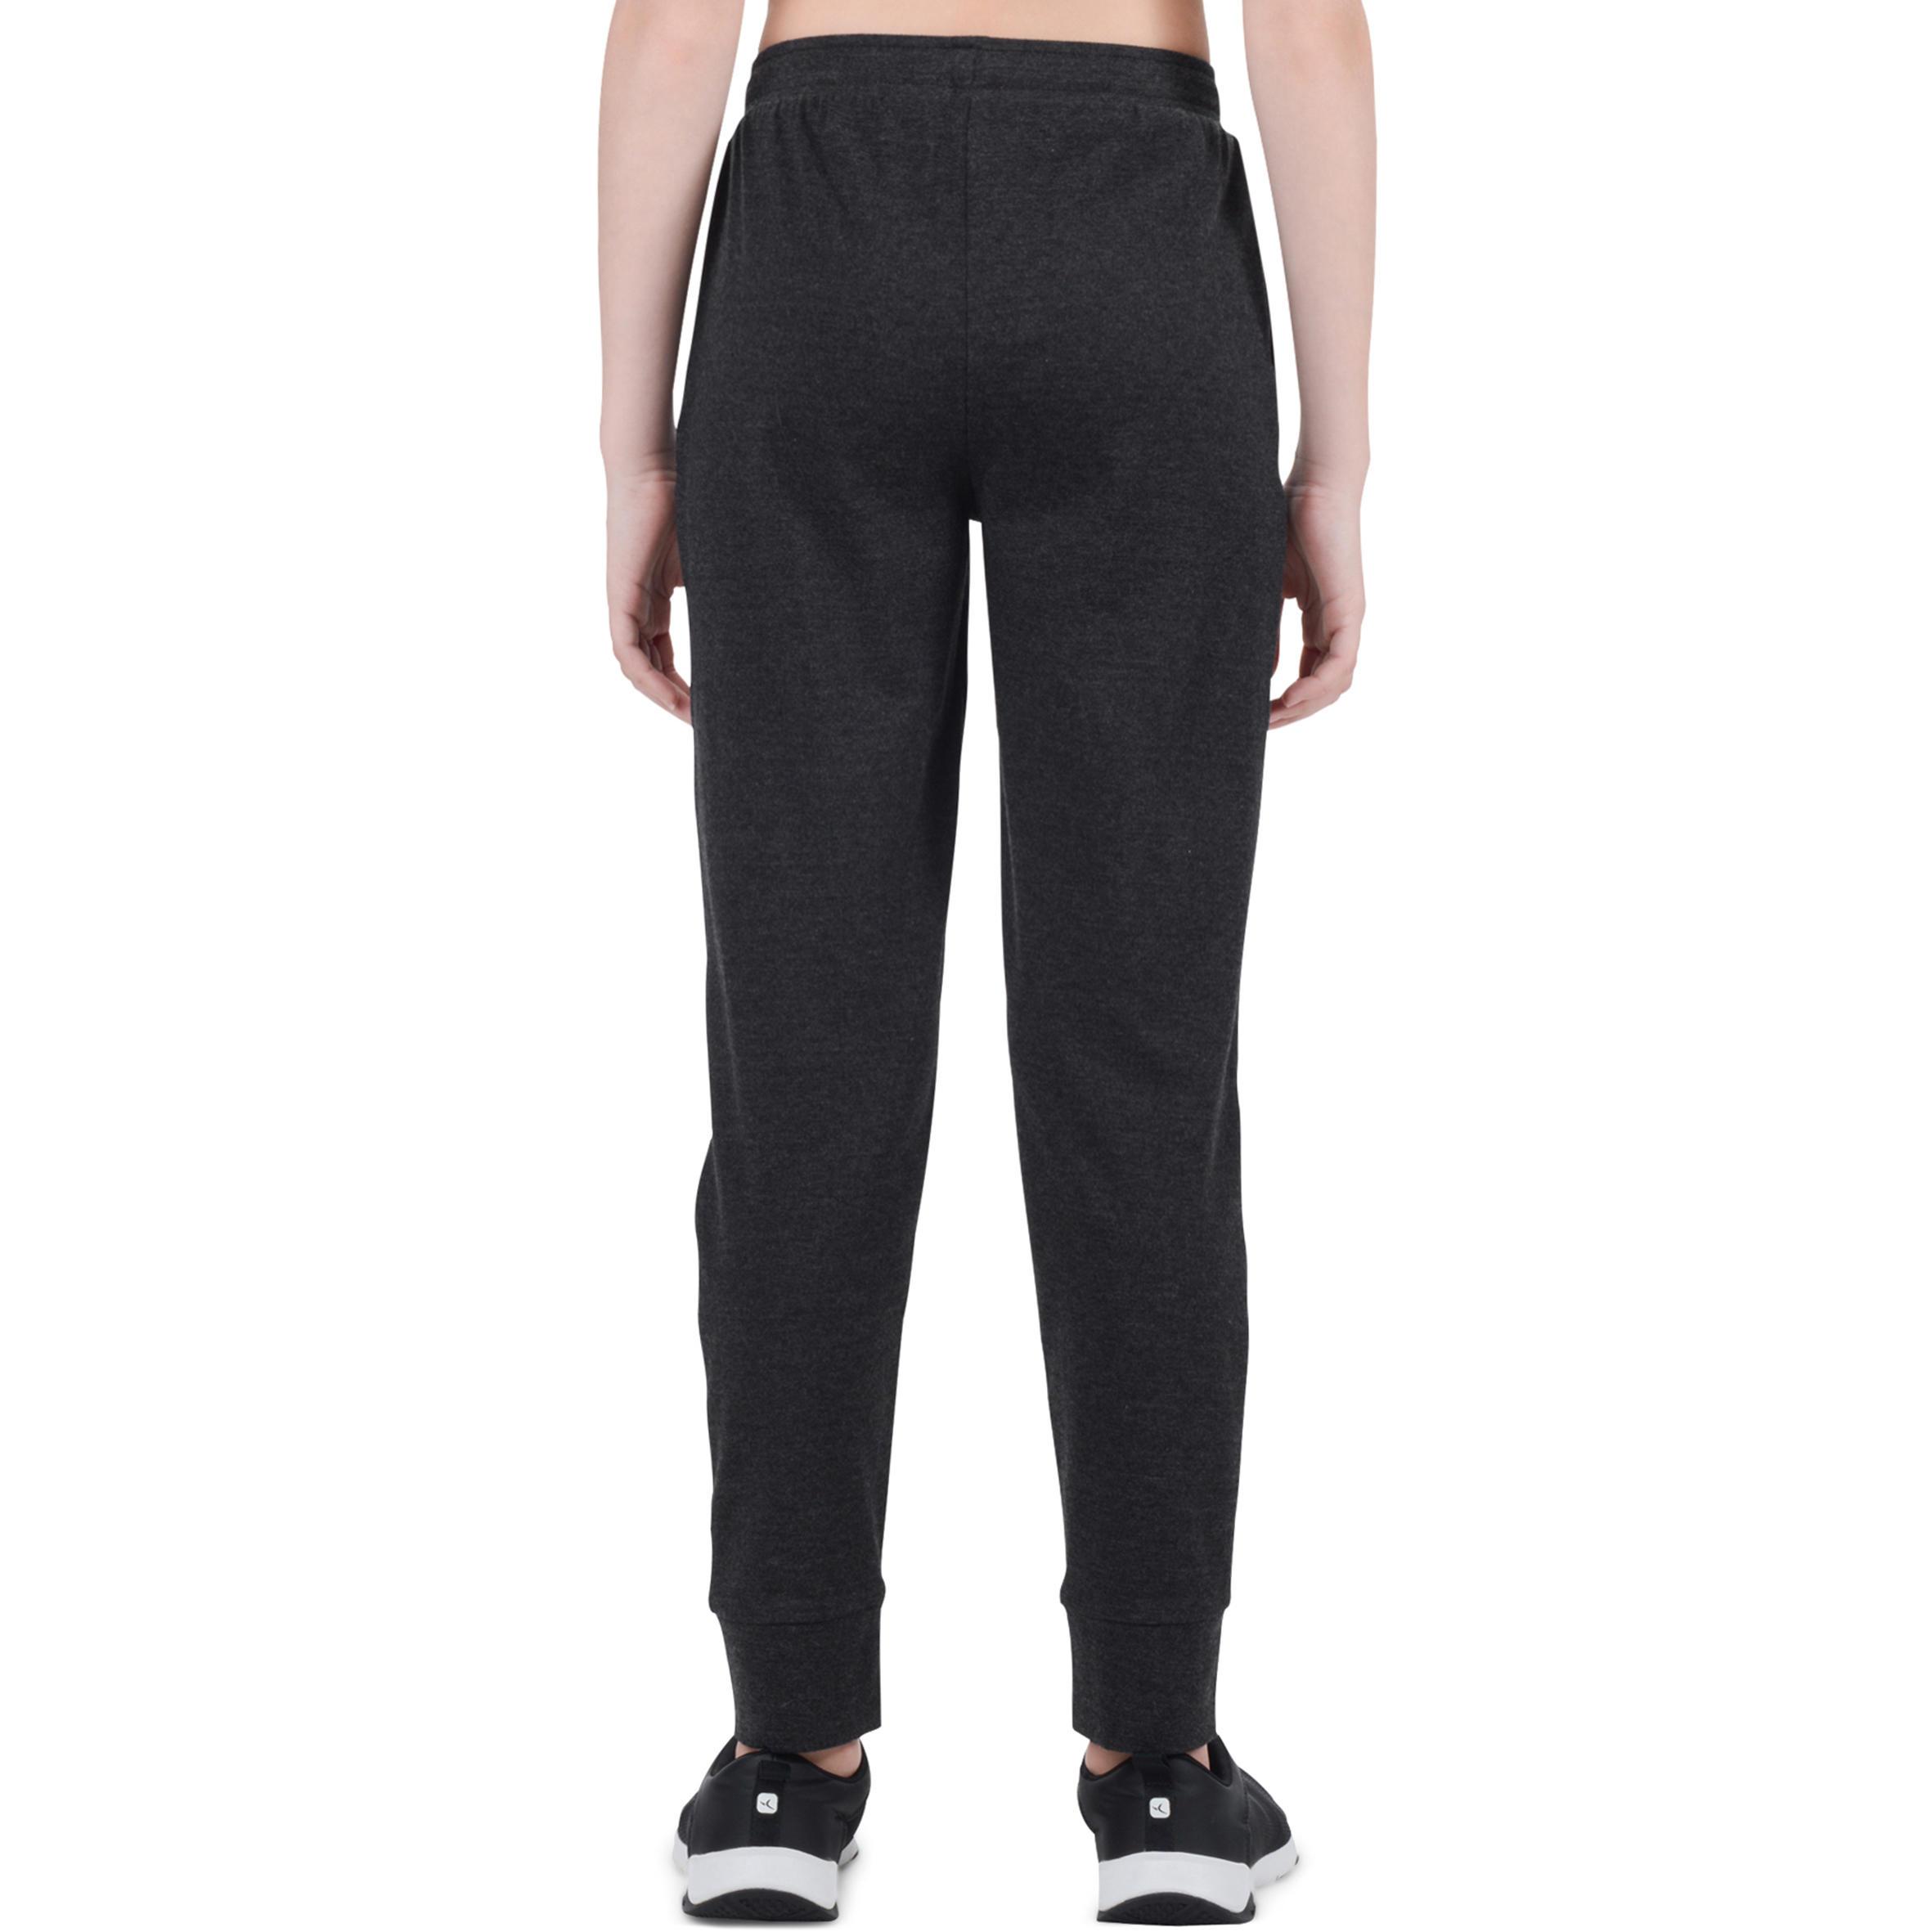 500 Girls' Lightweight Gym Bottoms - Dark Grey